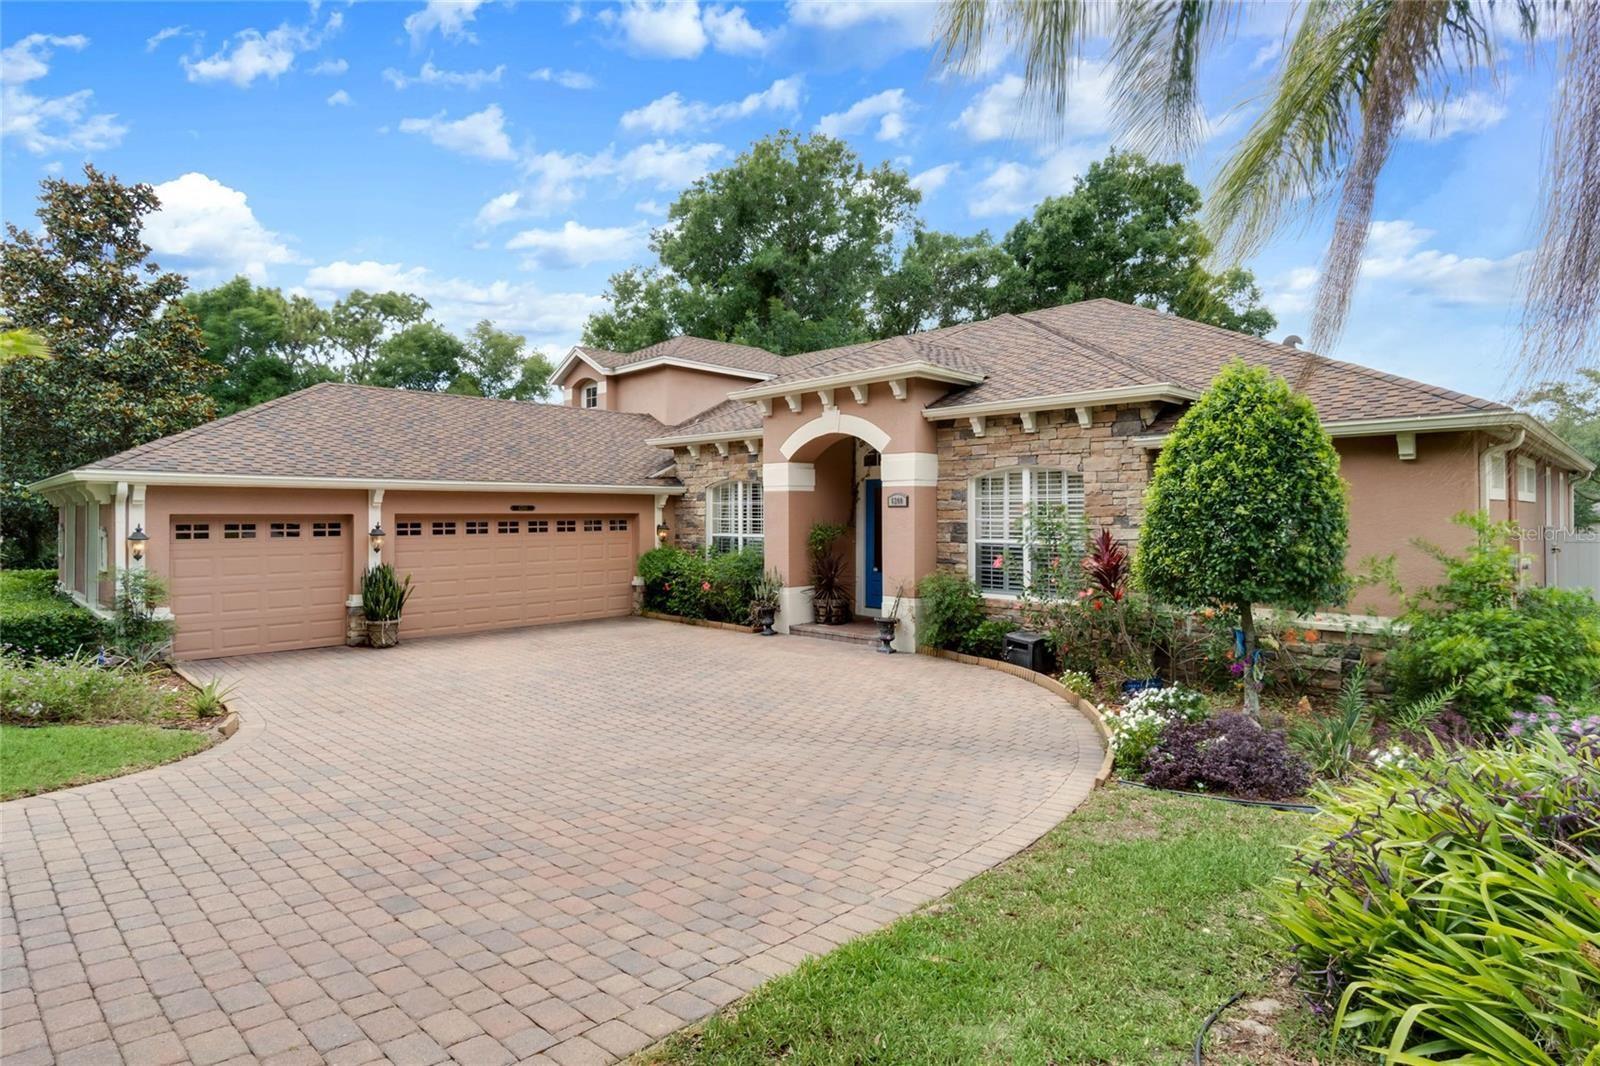 6200 BORDEAUX CIRCLE, Sanford, FL 32771 - #: O5945029